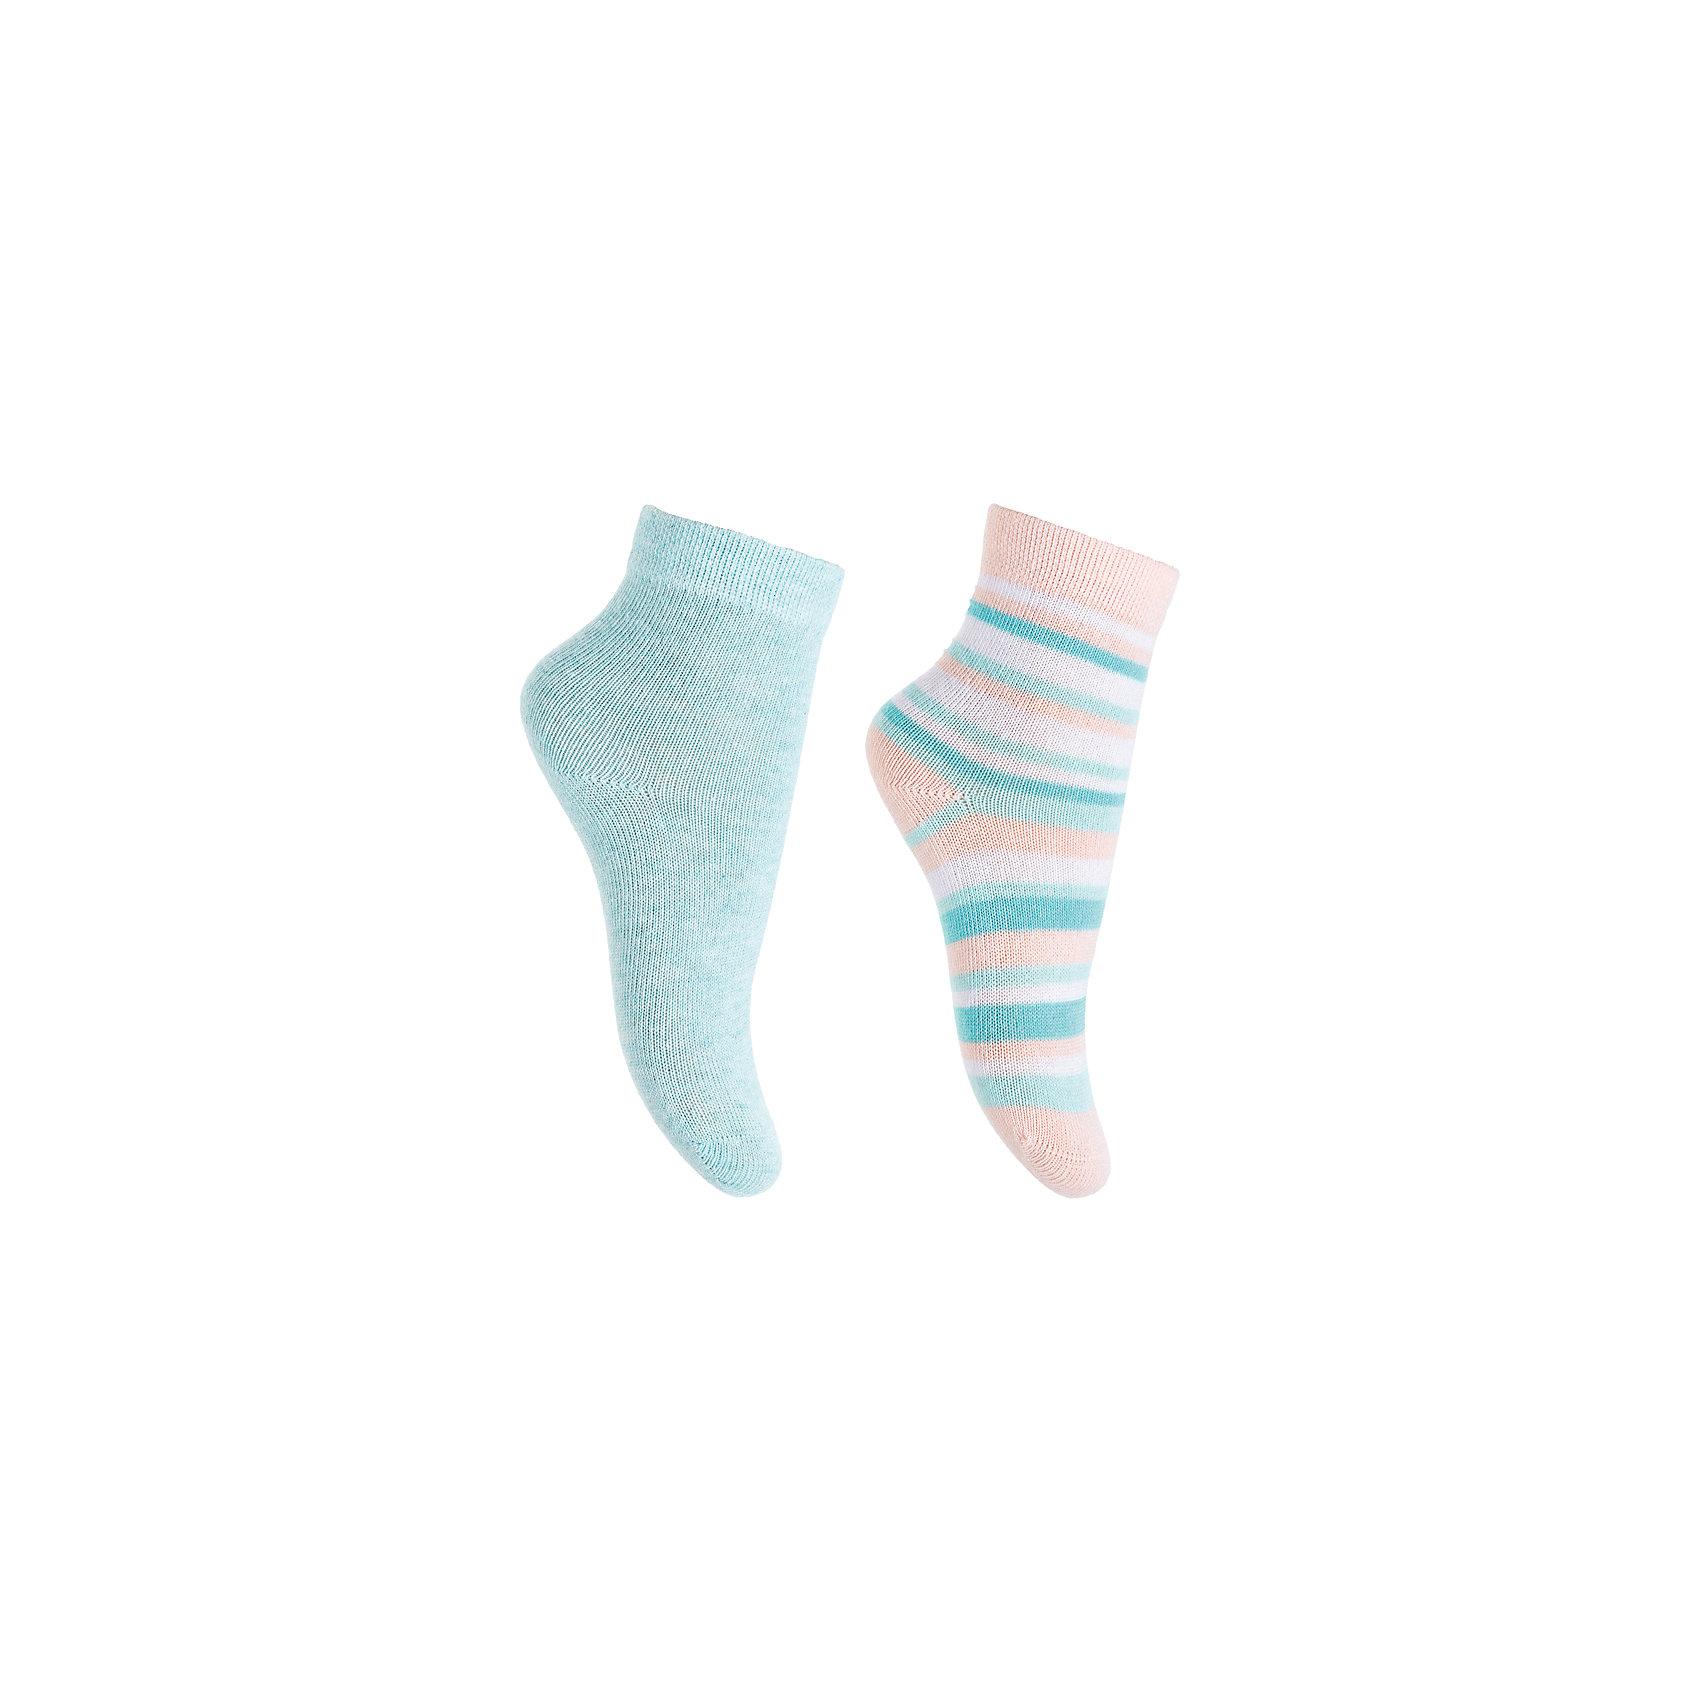 Носки, 2 пары  PlayToday для девочкиНоски<br>Носки PlayToday для девочки<br>Носки очень мягкие, из  натуральных материалов, приятные к телу и не сковывают движений. Хорошо пропускают воздух, тем самым позволяя коже дышать.   Одна модель выполнена в технике - yarn dyed - в процессе производства в полотне используются разного цвета нити. Даже частые стирки, при условии соблюдений рекомендаций по уходу, не изменят ни форму, ни цвет изделия.  Мягкая резинка не сдавливает нежную детскую кожу.<br>Состав:<br>75% хлопок, 22% нейлон, 3% эластан<br><br>Ширина мм: 87<br>Глубина мм: 10<br>Высота мм: 105<br>Вес г: 115<br>Цвет: голубой<br>Возраст от месяцев: 18<br>Возраст до месяцев: 24<br>Пол: Женский<br>Возраст: Детский<br>Размер: 12,11<br>SKU: 7107256